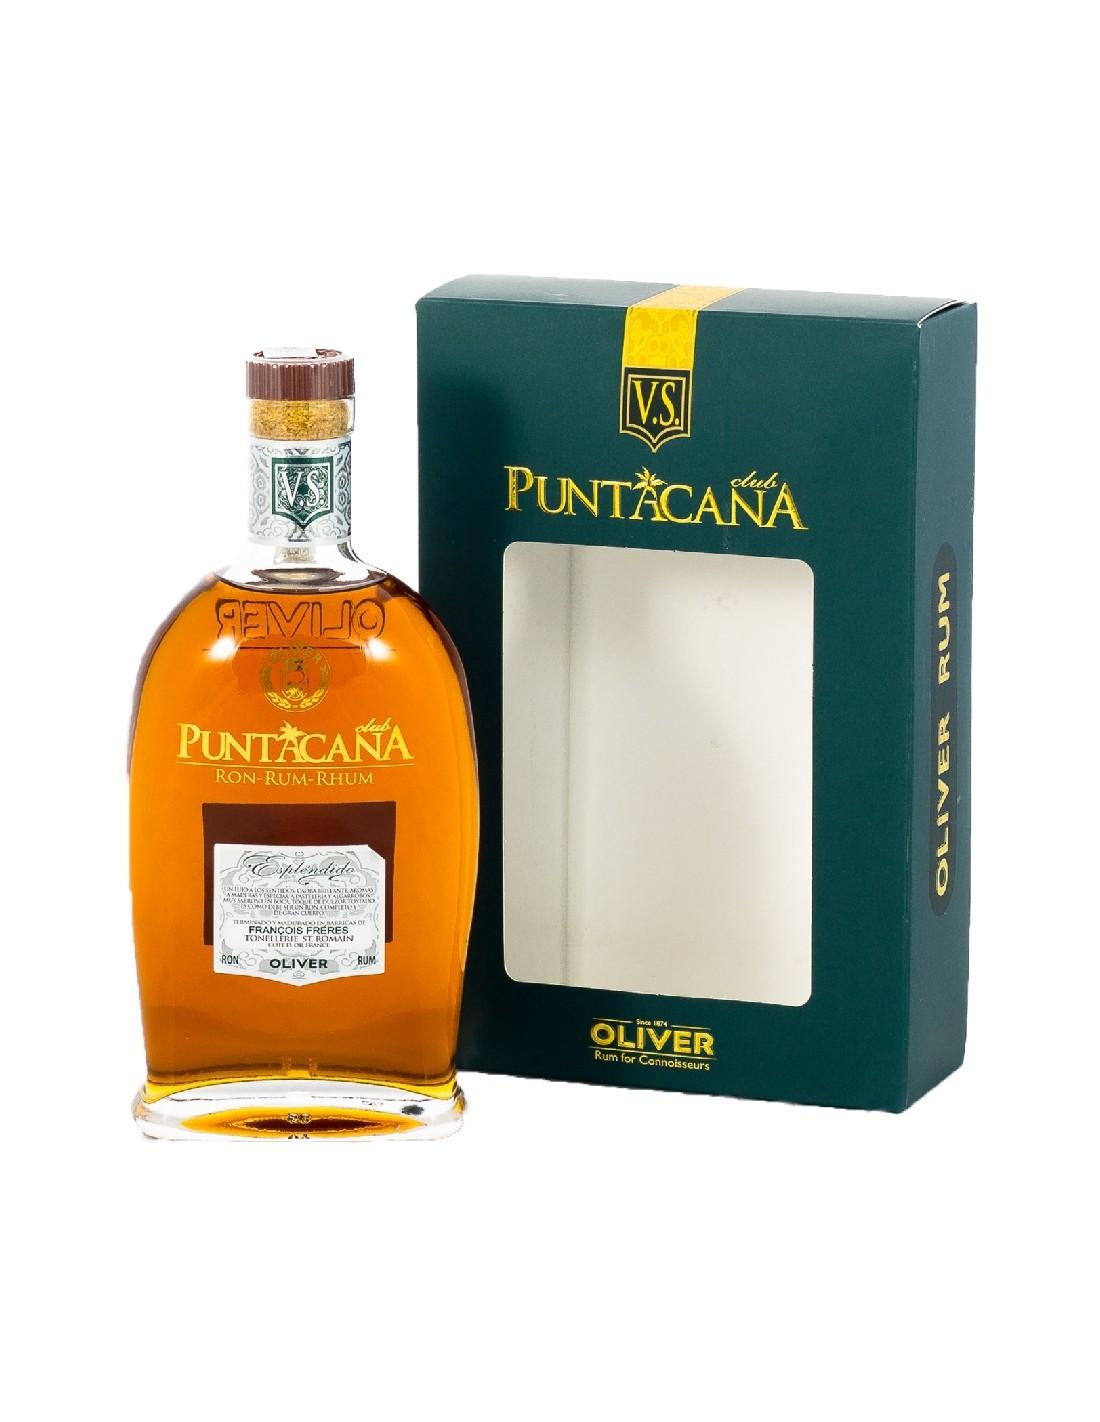 Rom Puntacana Club + GB, 38%, 0.7L